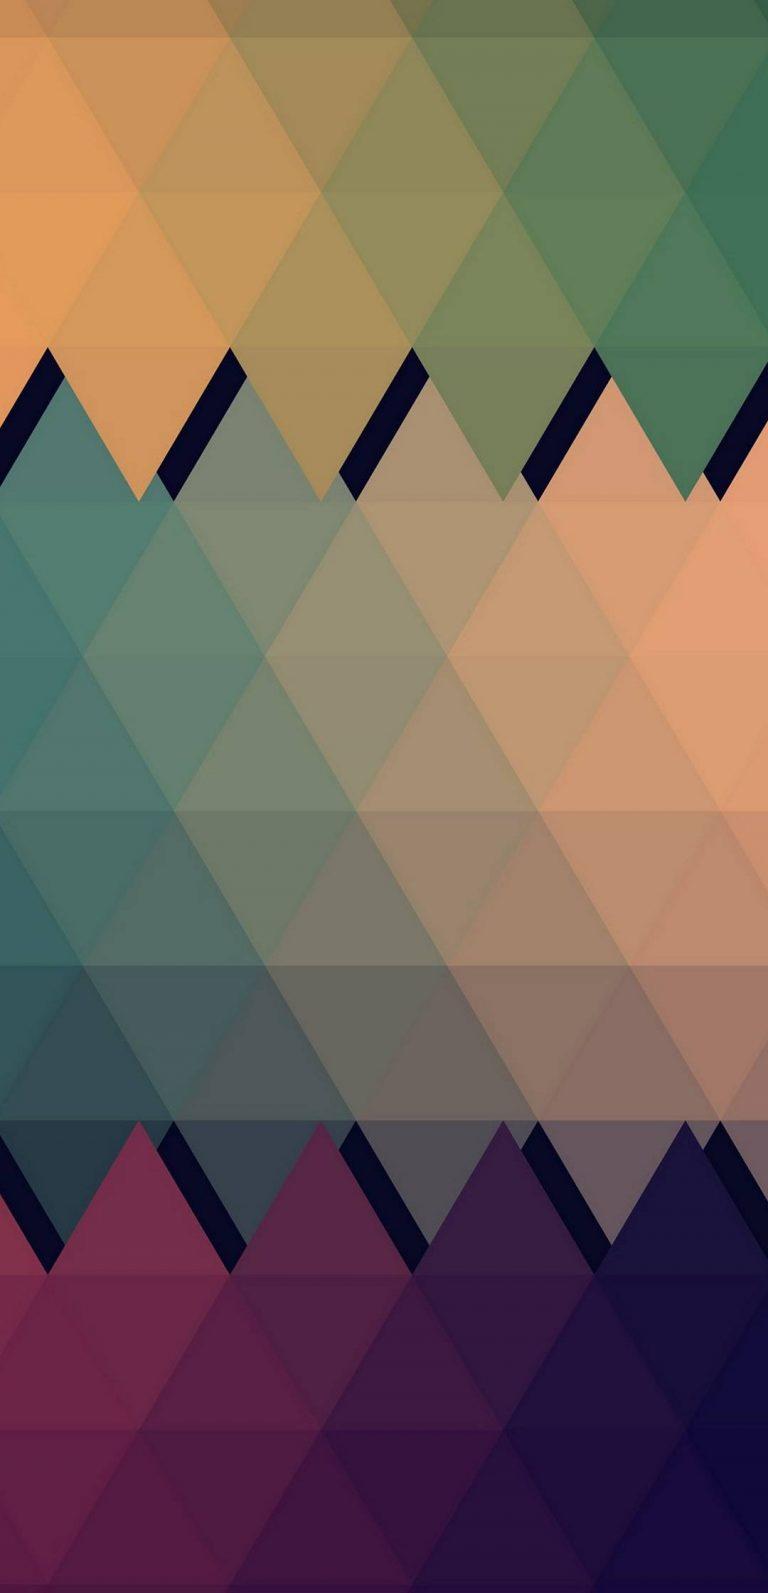 1080x2240 Wallpaper 008 768x1593